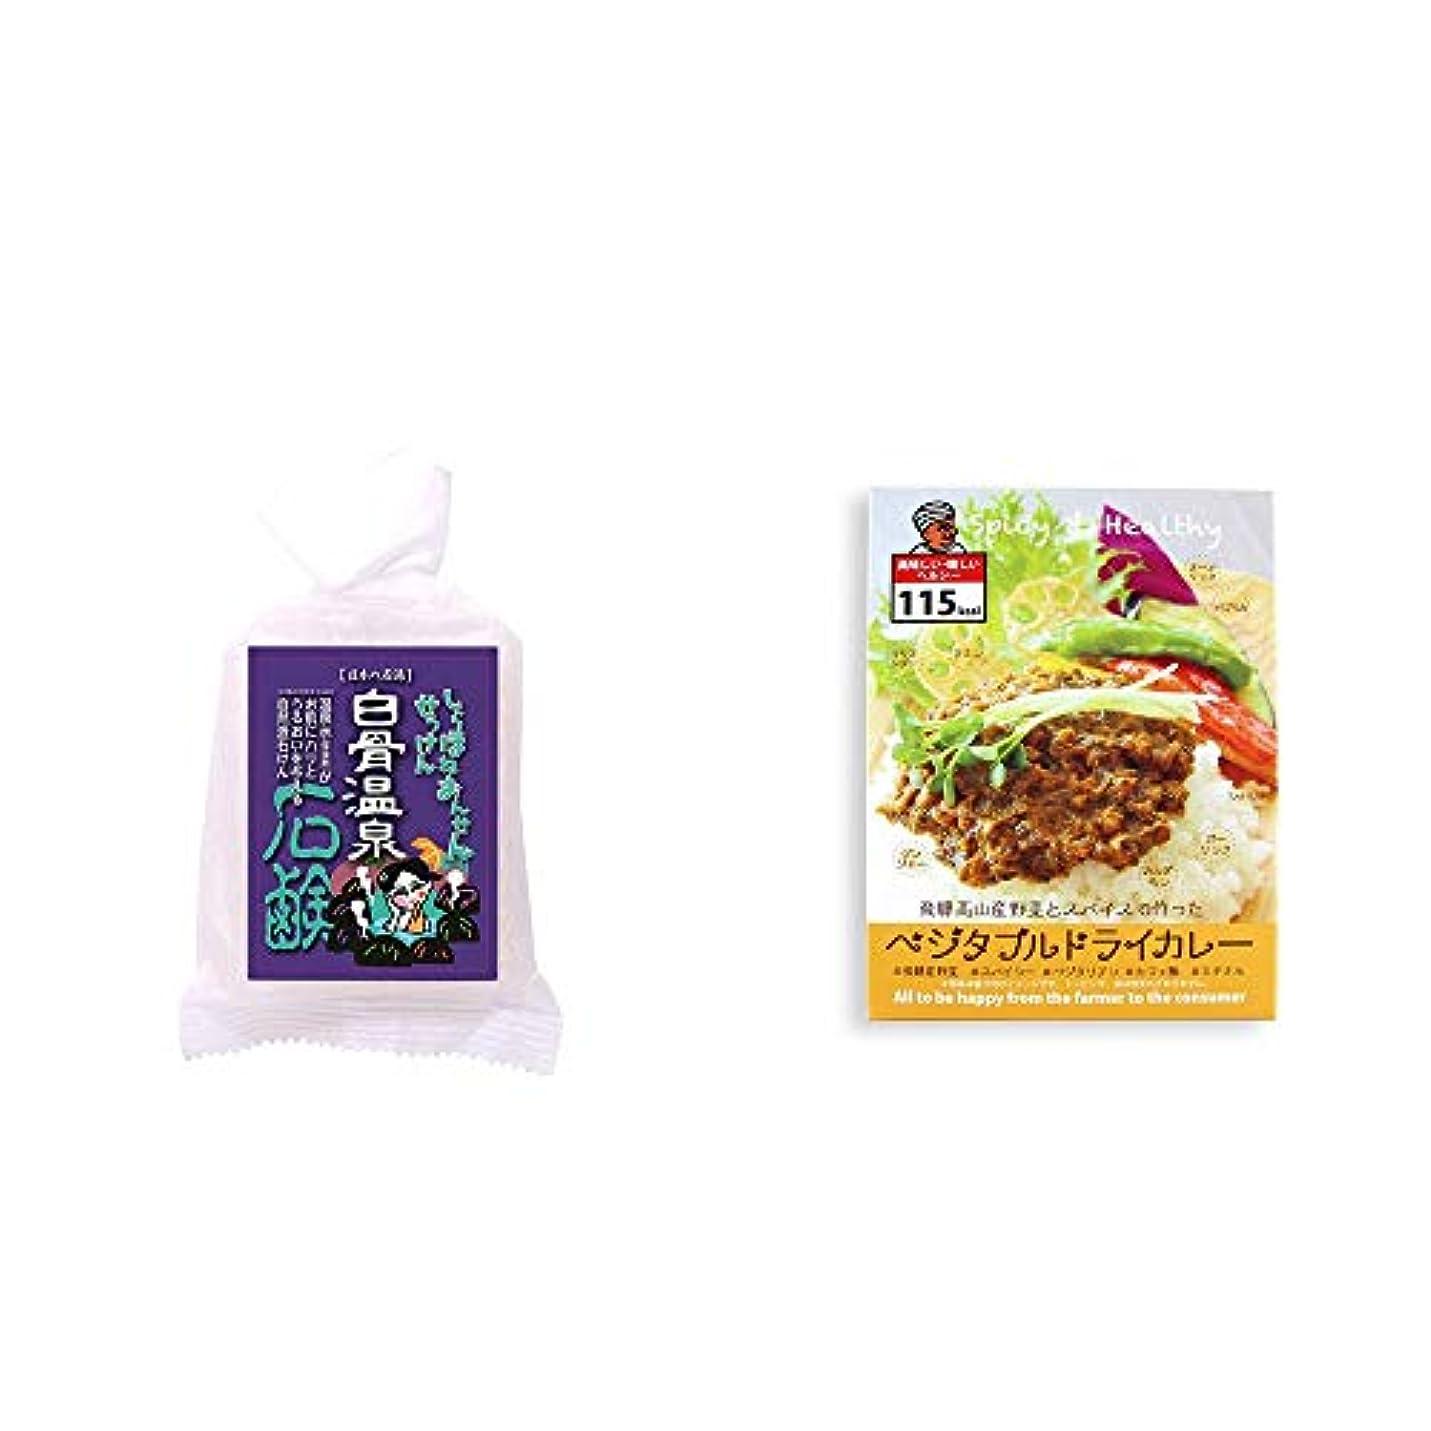 ミルクメトロポリタンチャネル[2点セット] 信州 白骨温泉石鹸(80g)?飛騨産野菜とスパイスで作ったベジタブルドライカレー(100g)